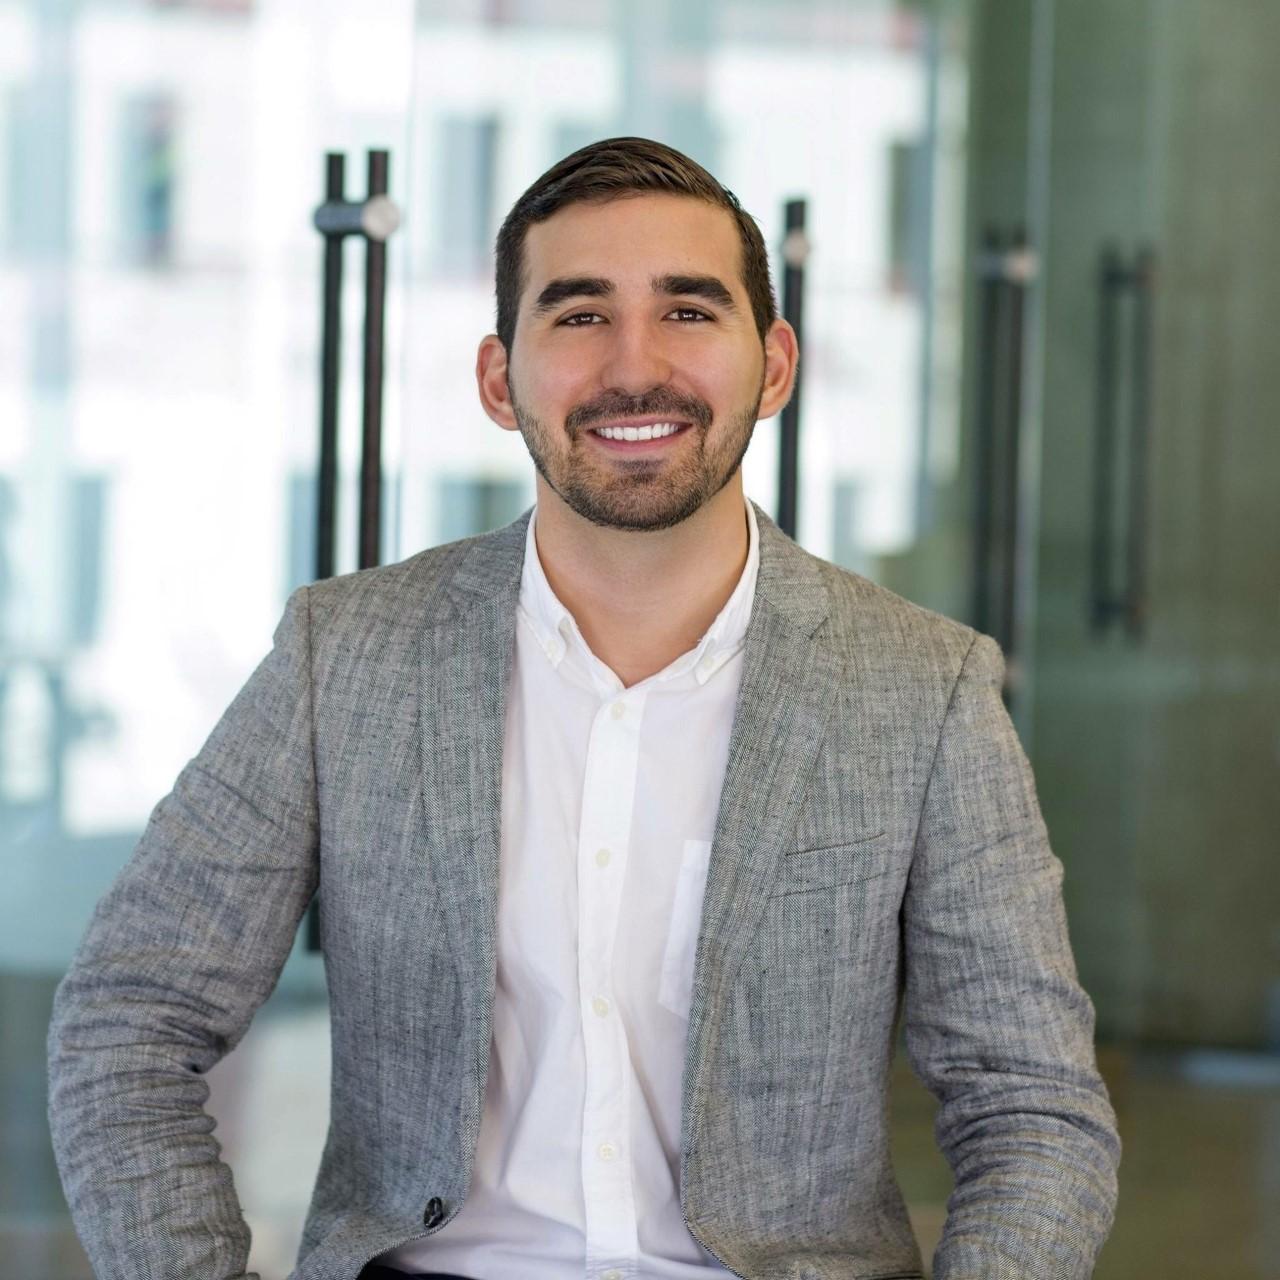 Gerardo Gandy, Architect